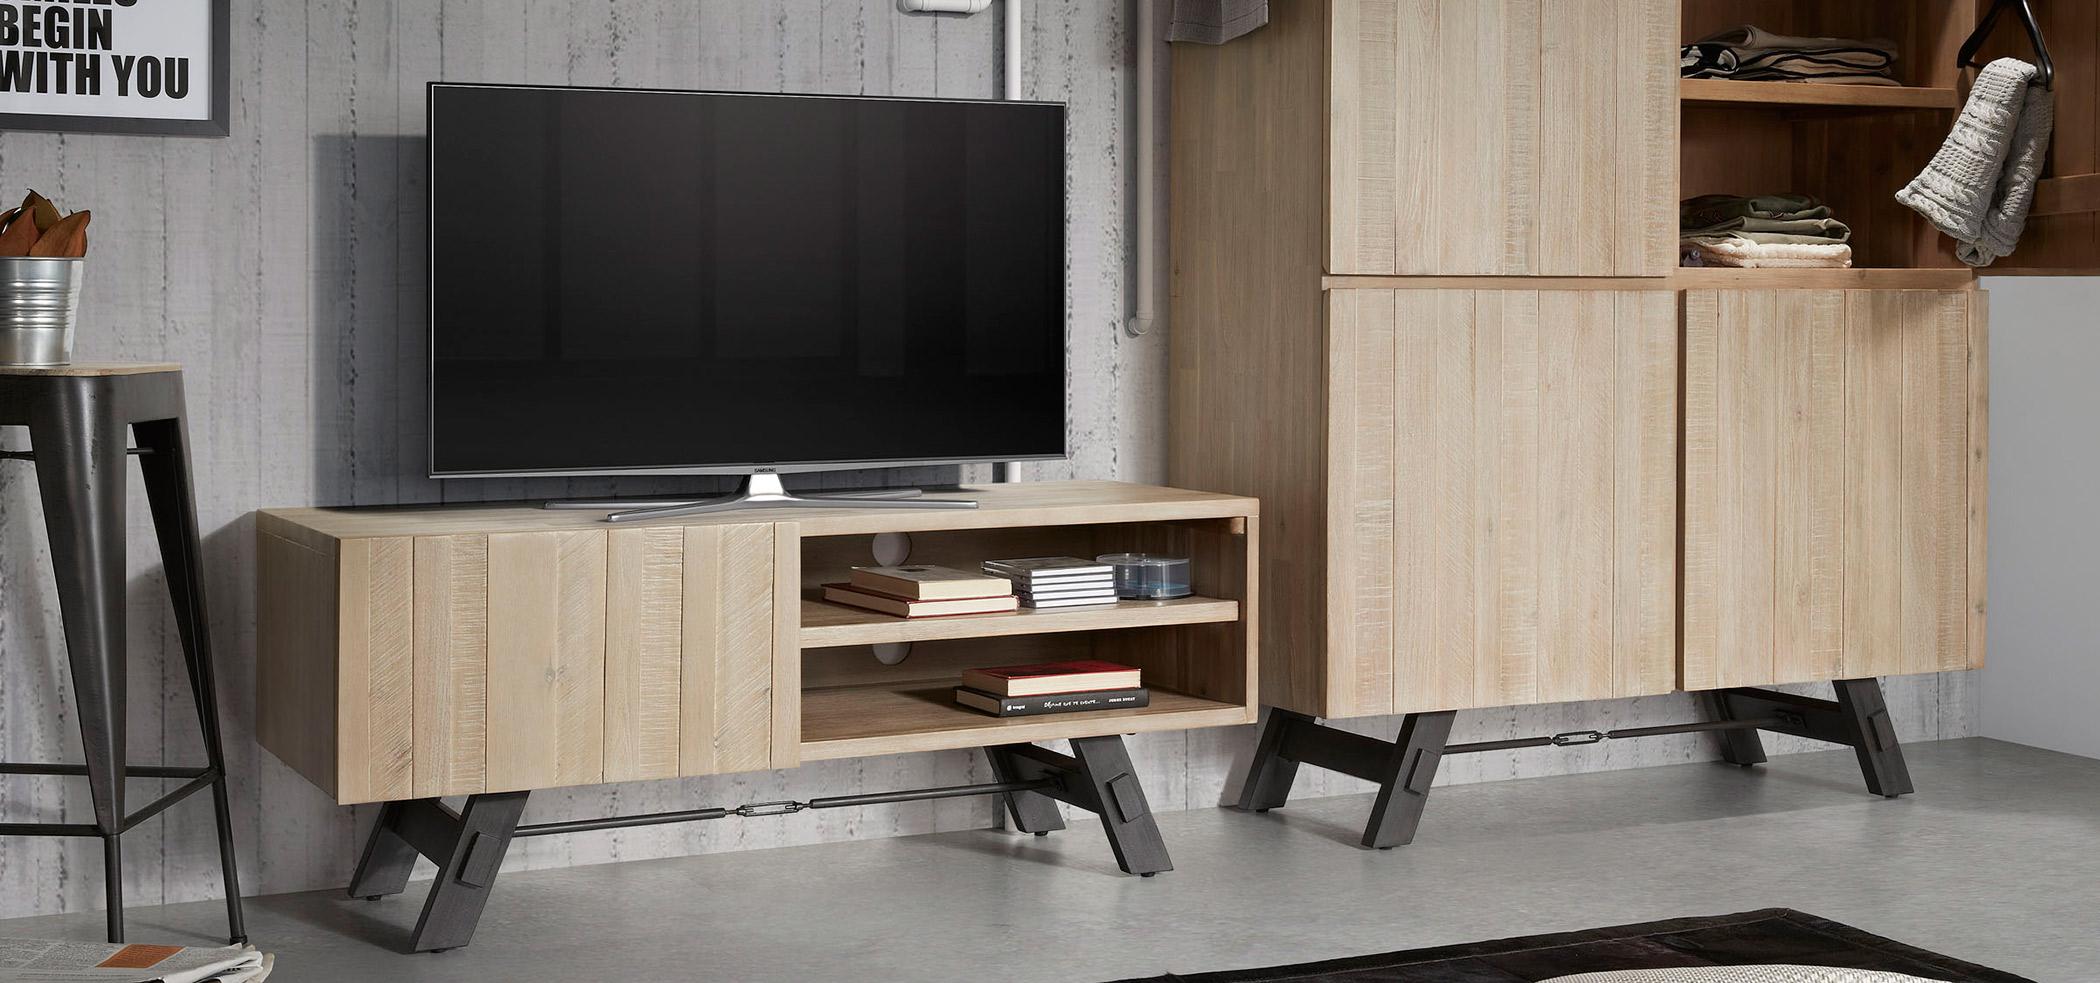 Mueble de televisión madera estilo industrial regalo dia del padre decoratualma